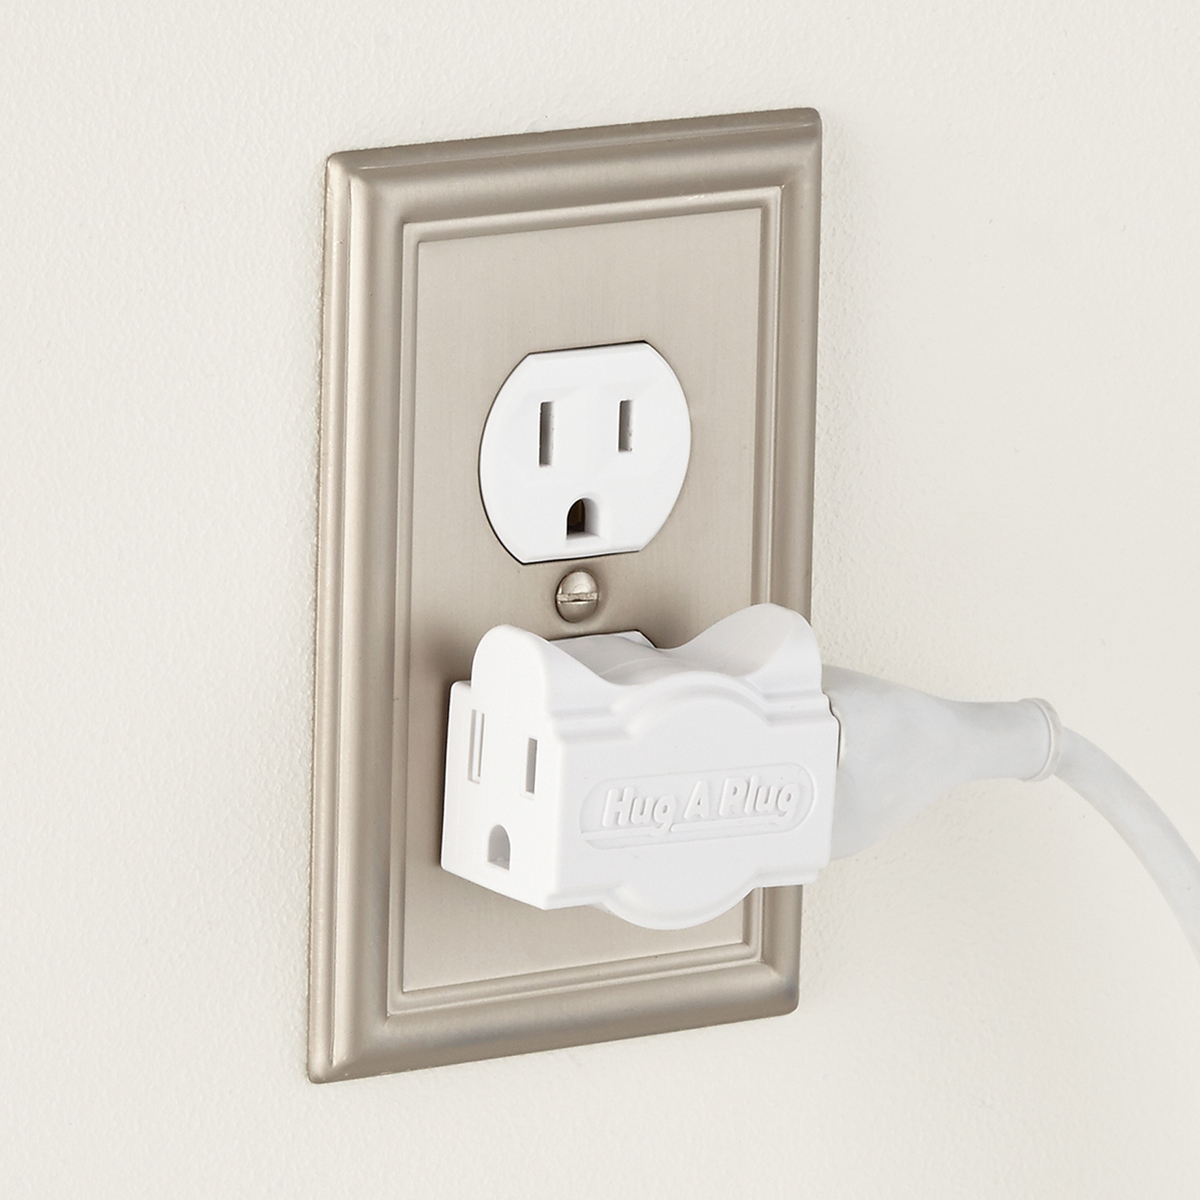 Hug-A-Plug Outlet Extender